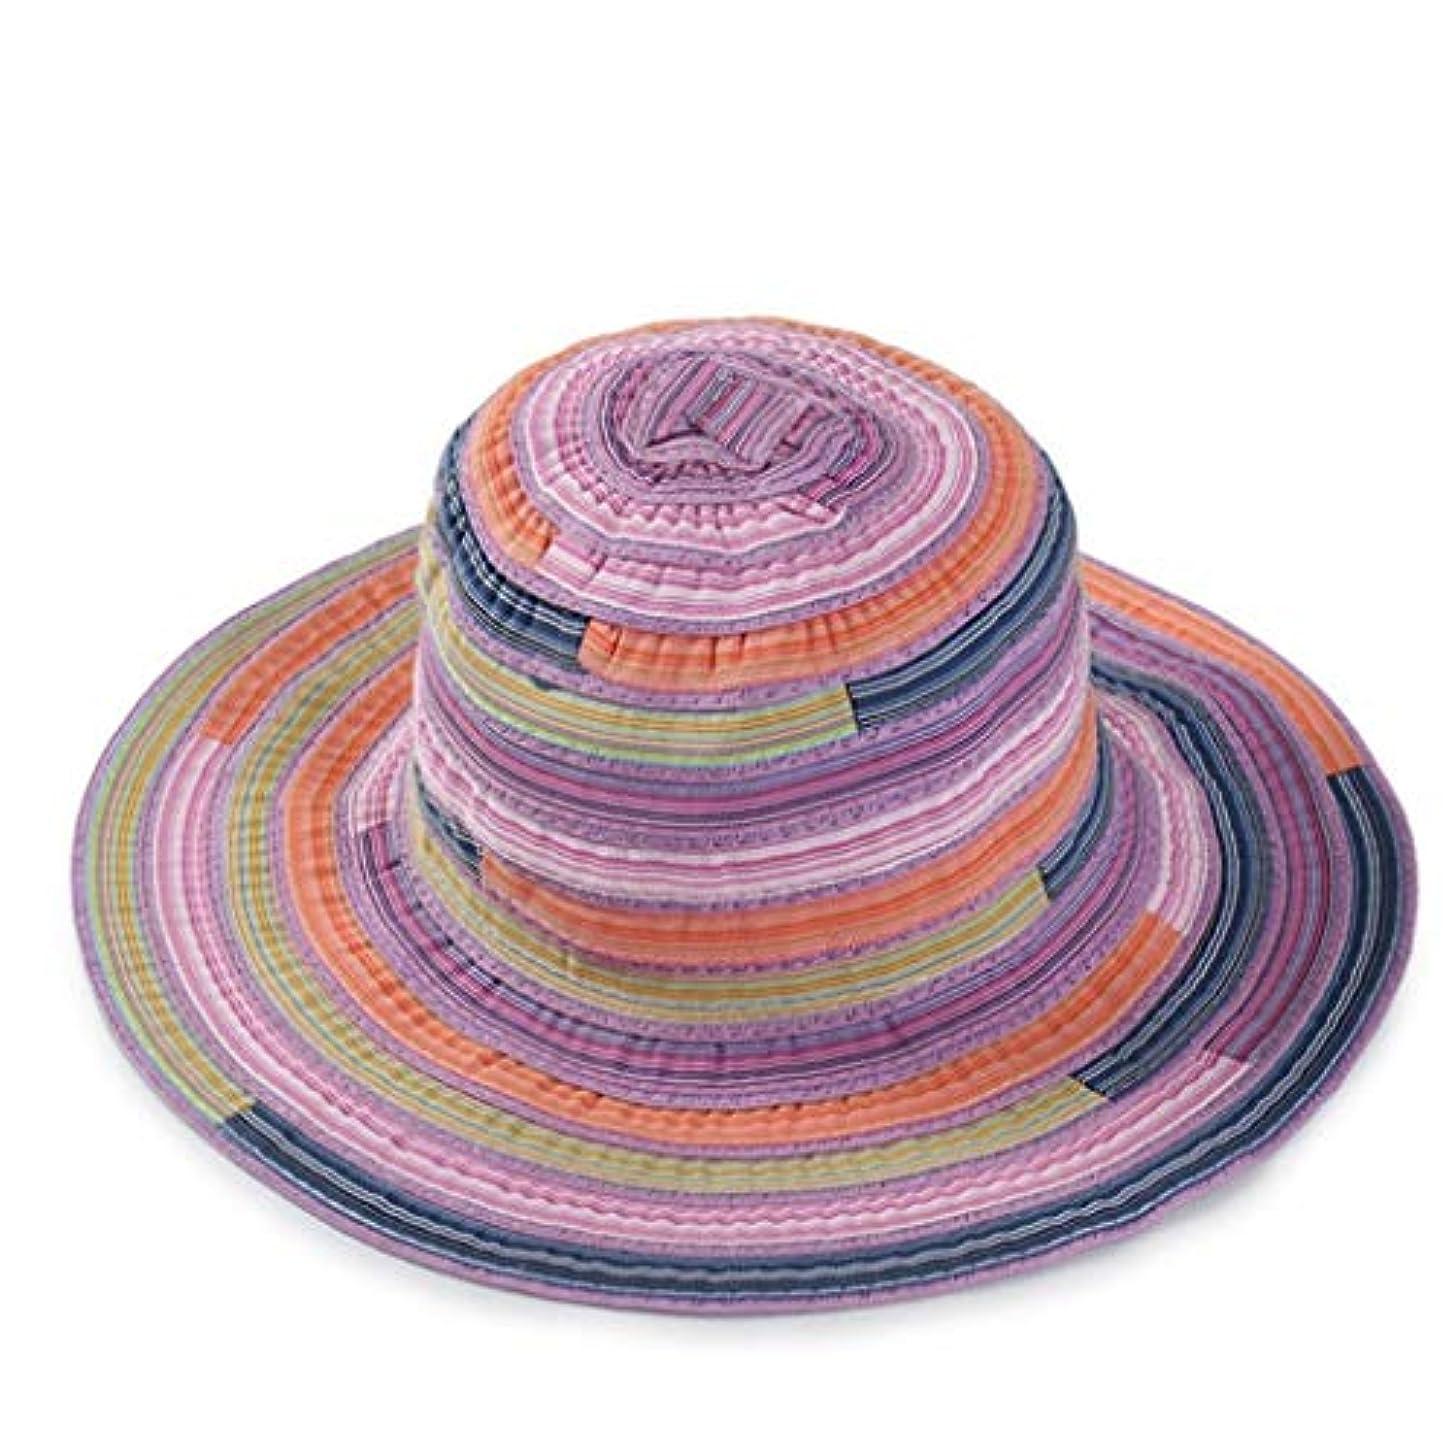 コミットメント裸執着UVカット 帽子 レディース ハット 旅行用 日よけ 夏季 日焼け 折りたたみ 持ち運び つば広 リボン付き 調節テープ ストライプ 柄 キャップ 通気性抜群 日除け UVカット 紫外線対策 ROSE ROMAN